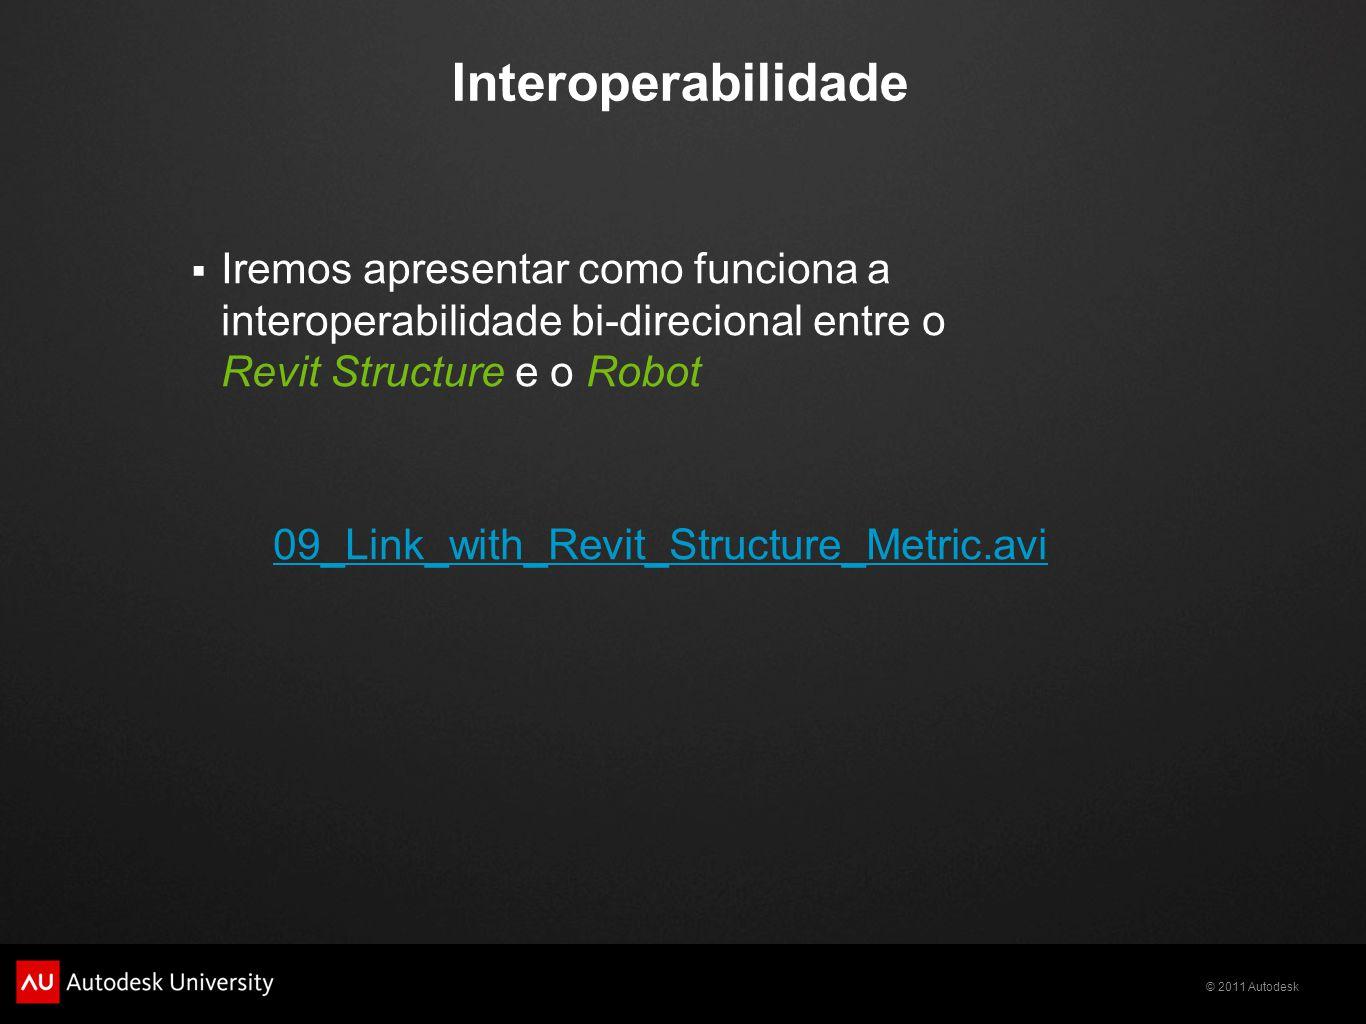 Interoperabilidade Iremos apresentar como funciona a interoperabilidade bi-direcional entre o Revit Structure e o Robot.